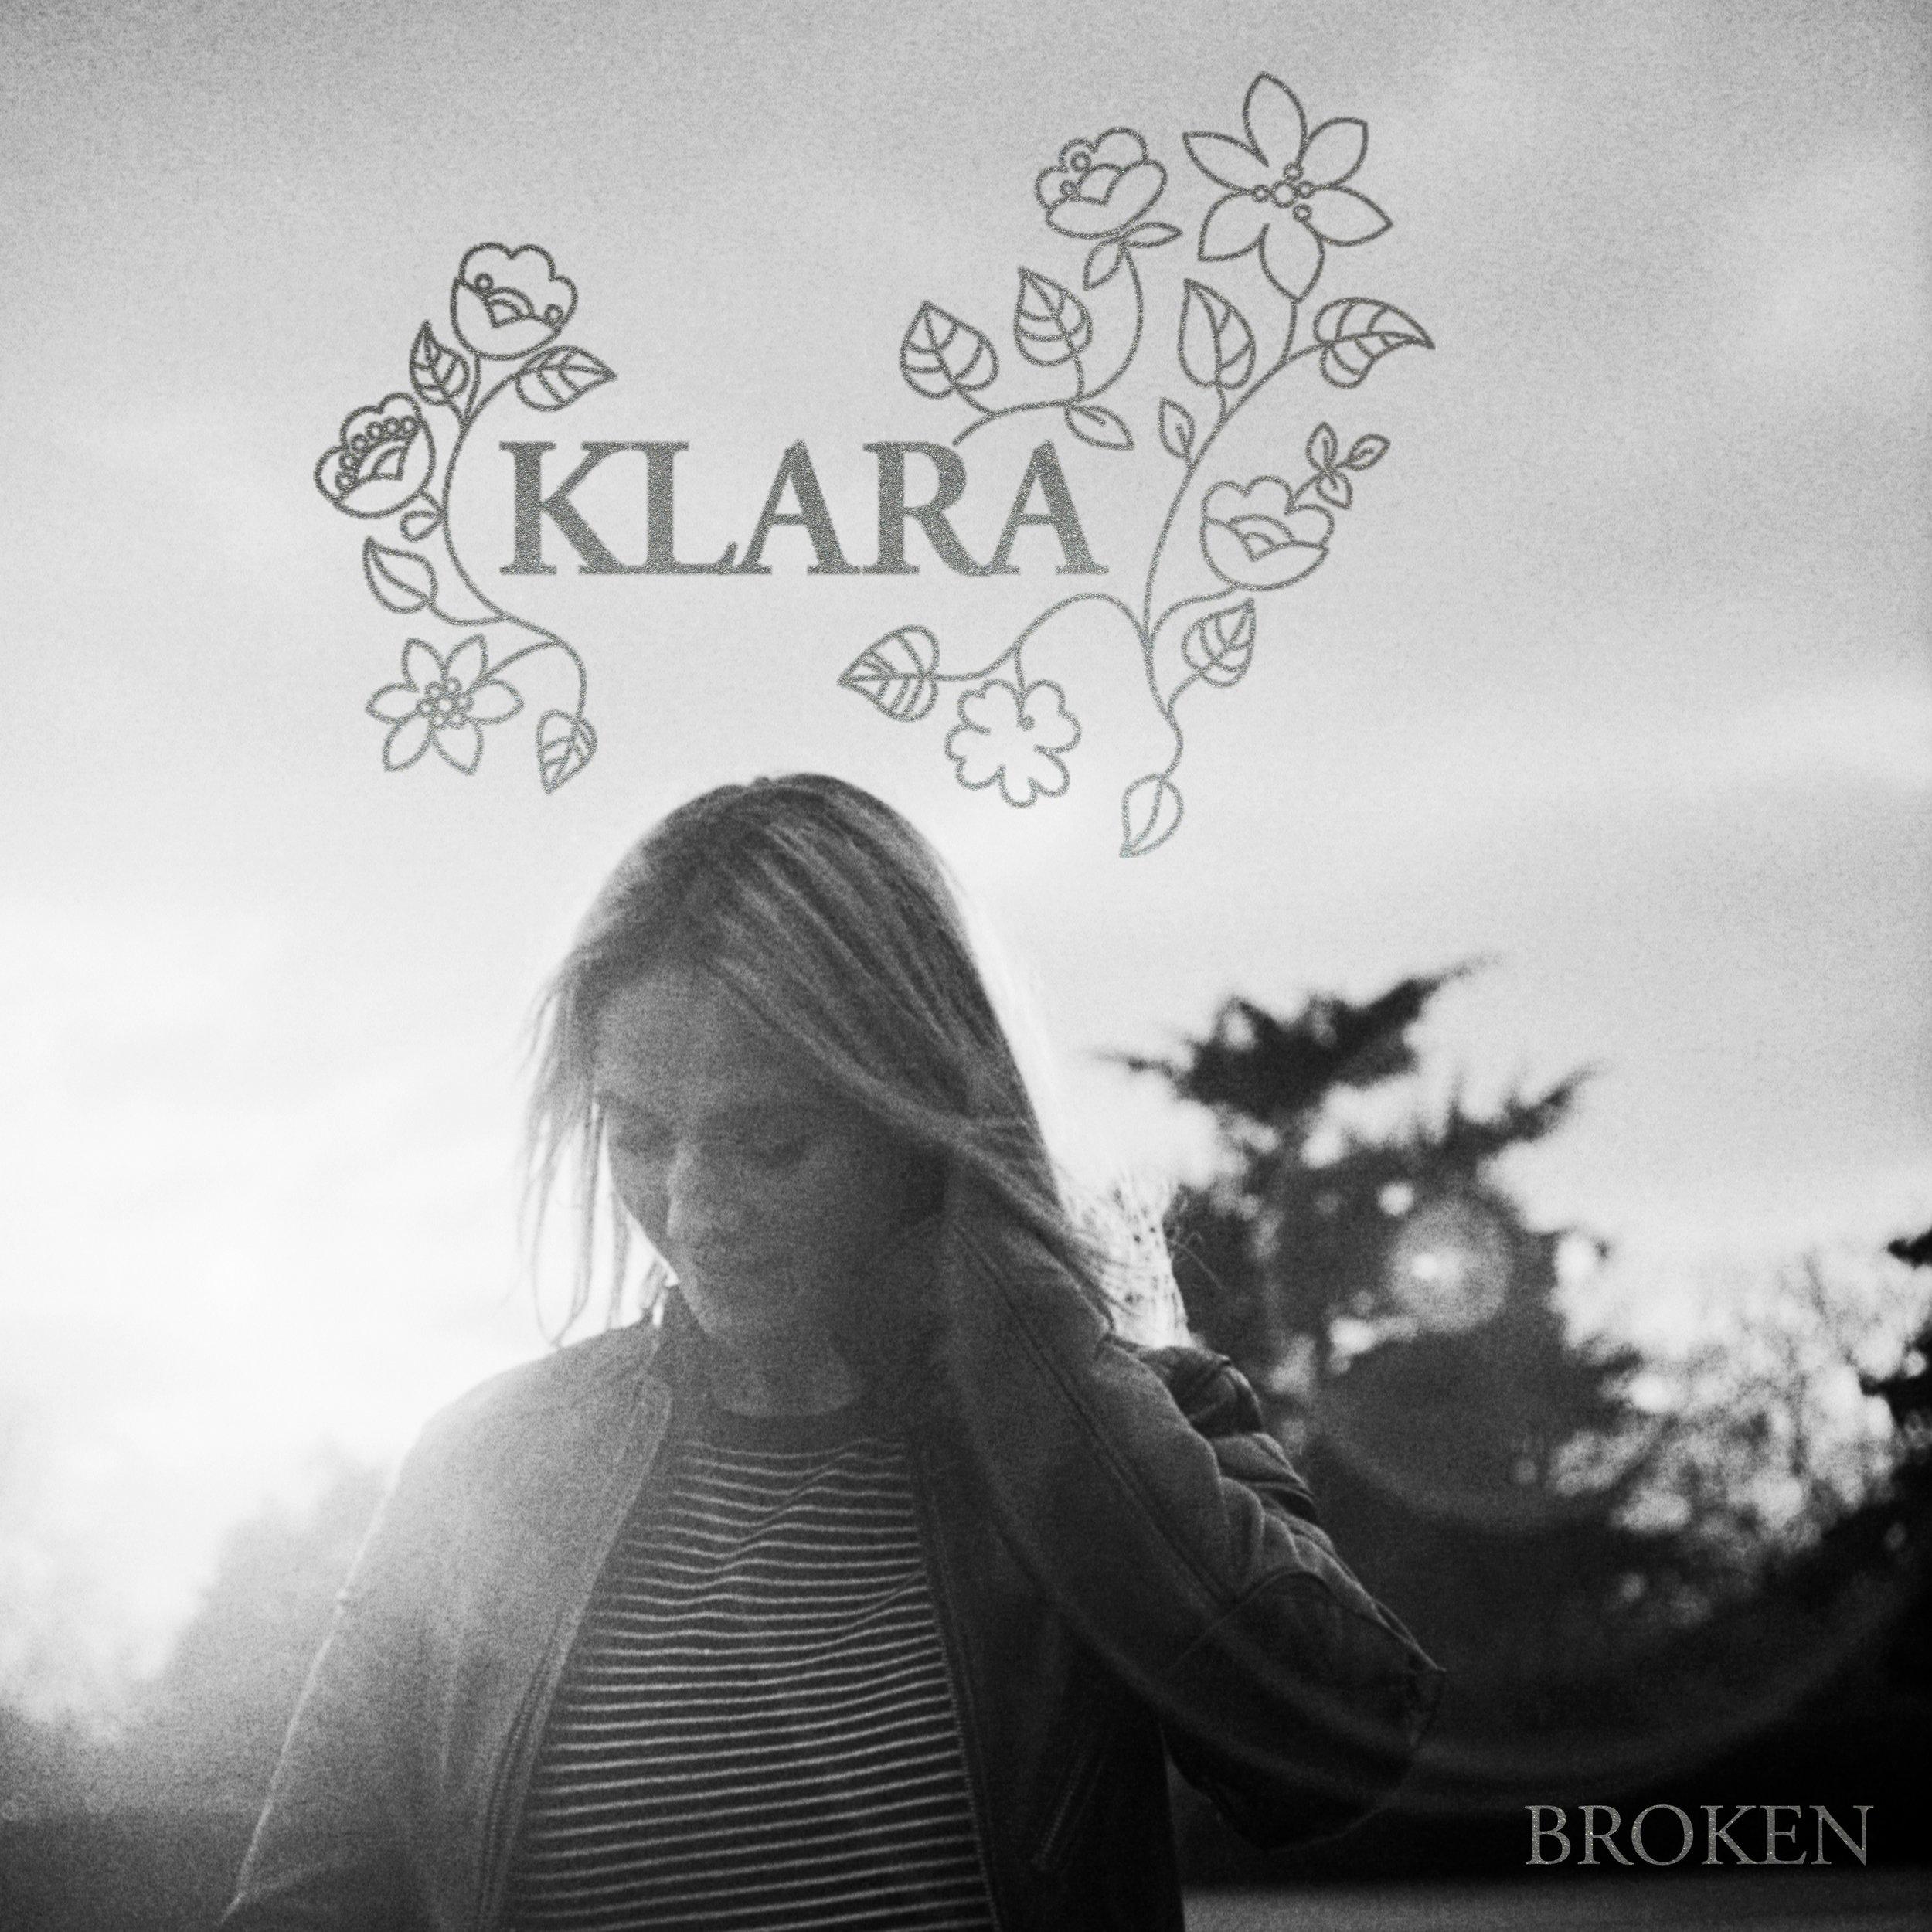 KLARA_Broken.jpg